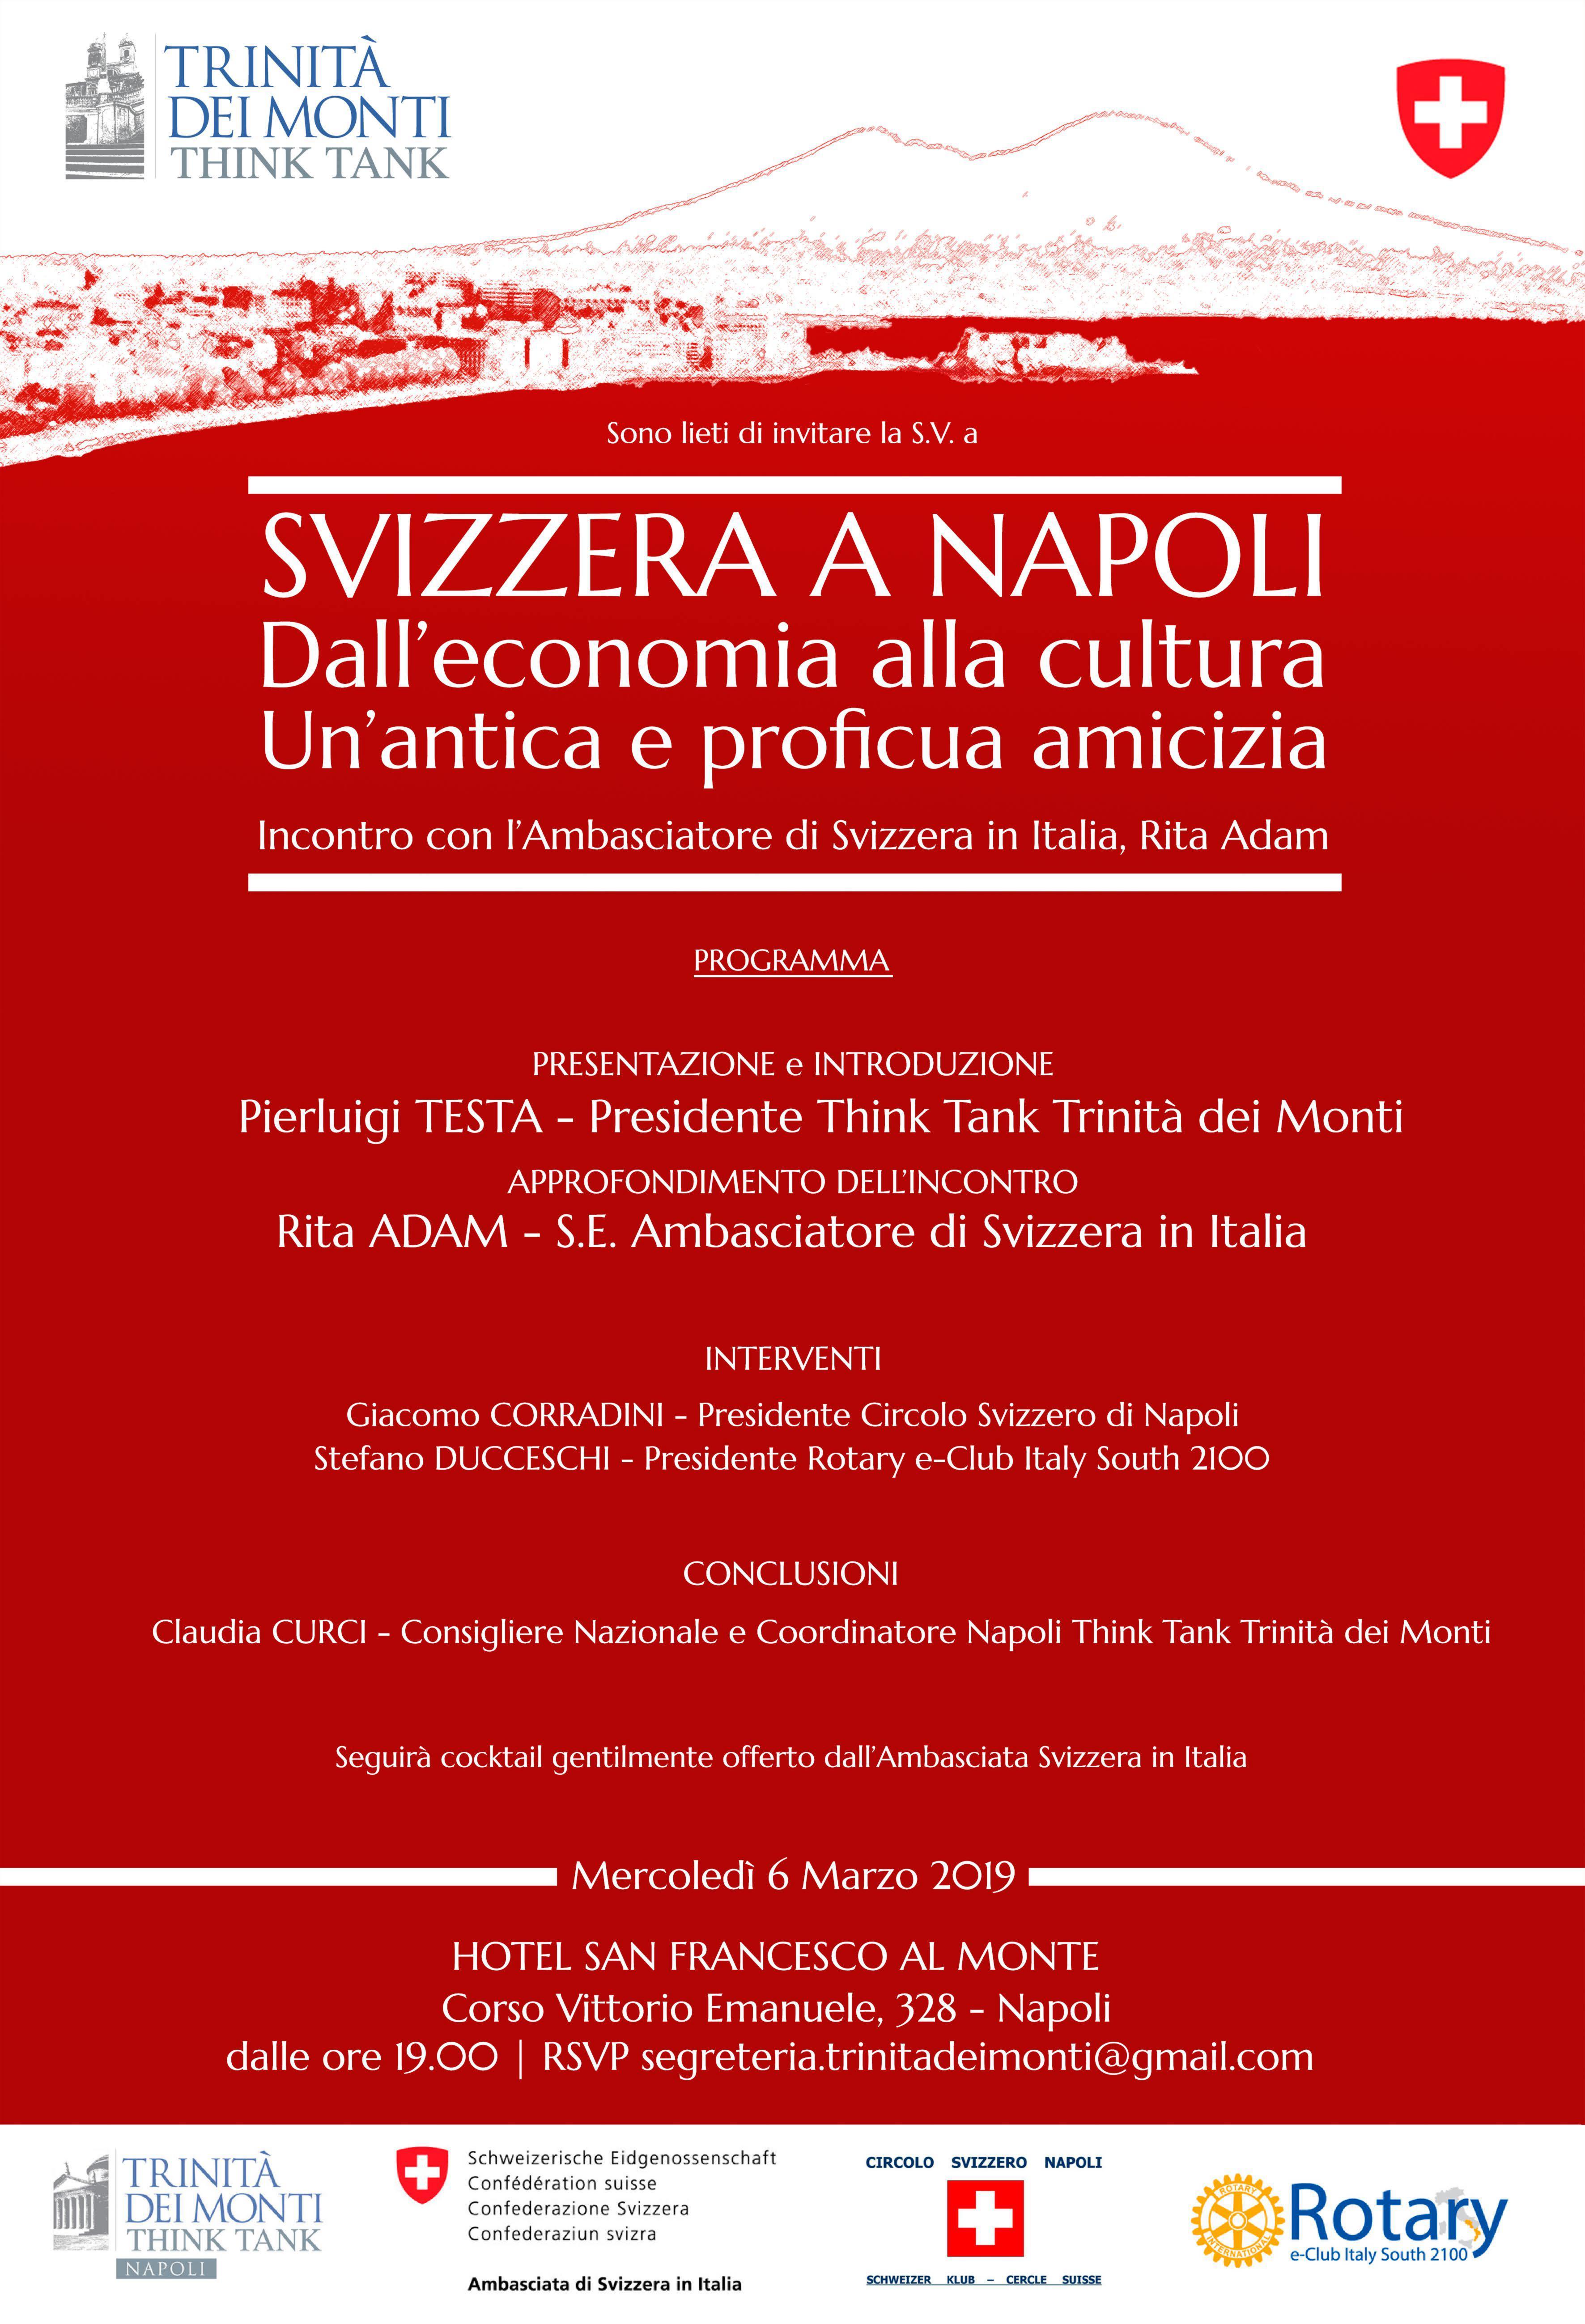 Think Tank Trinità dei Monti: Svizzera a Napoli 6 marzo